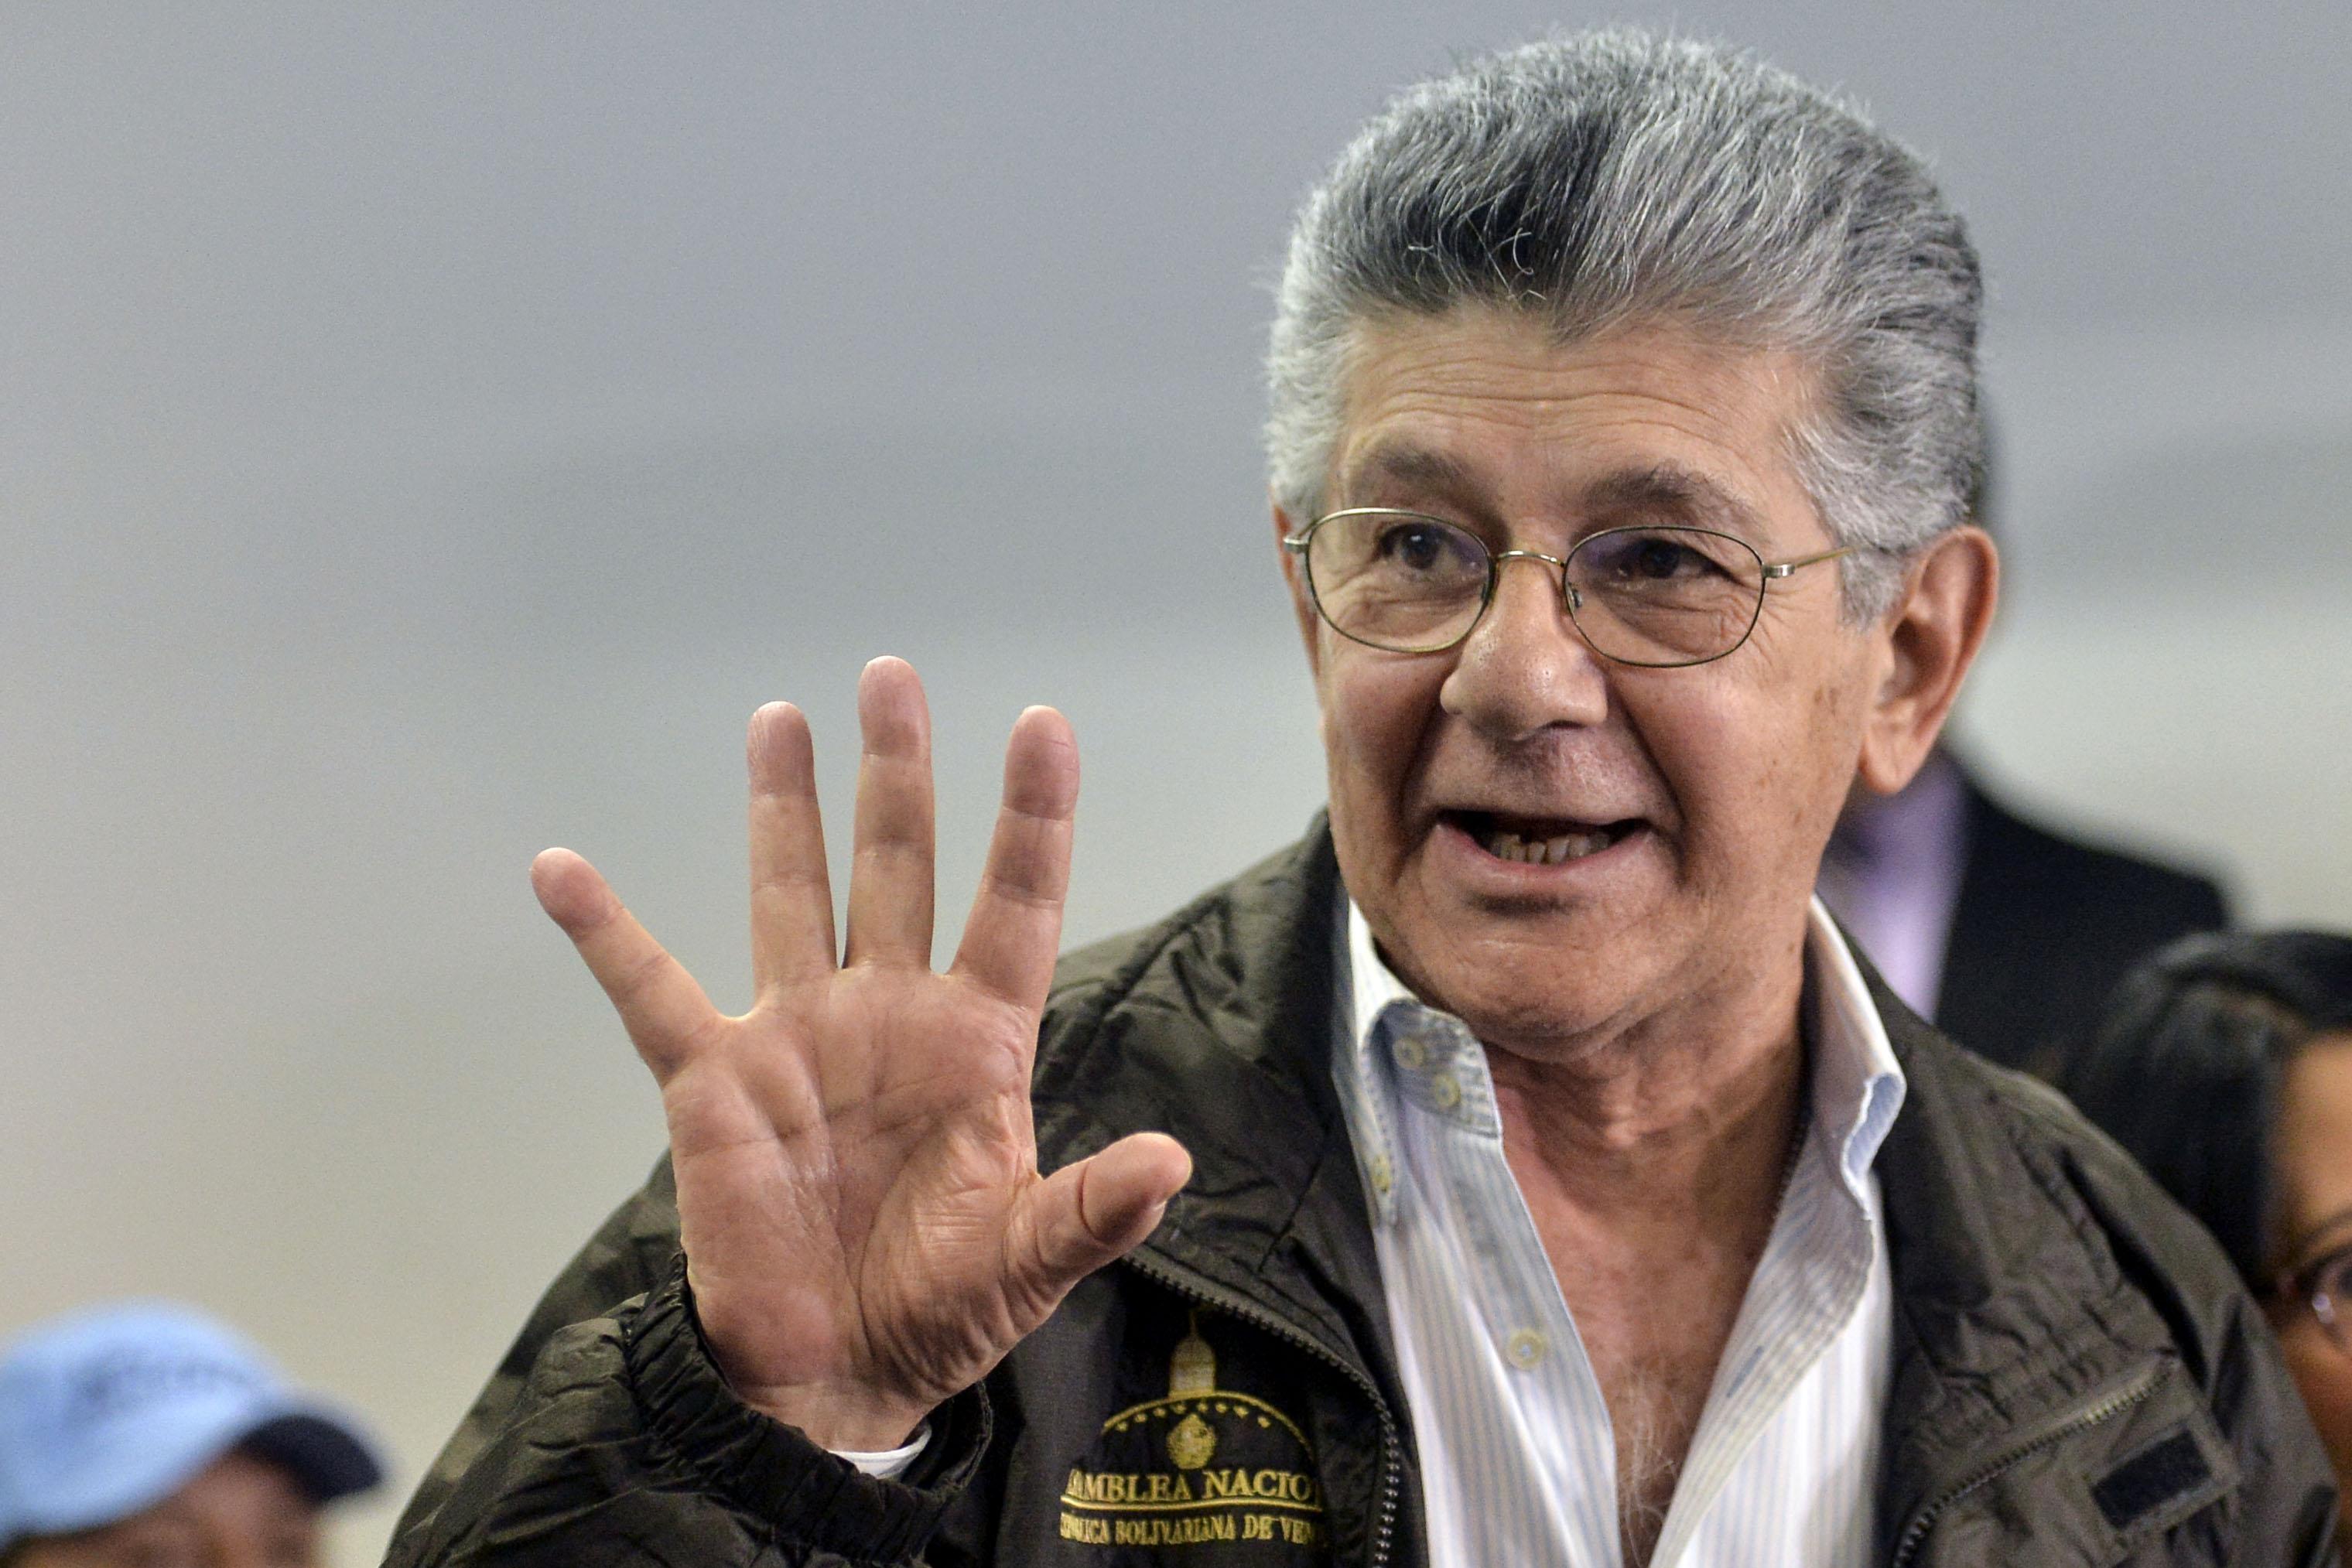 زعيم حركة الوحدة الديمقراطية يتحدث إلى الشعب الفنزويلى